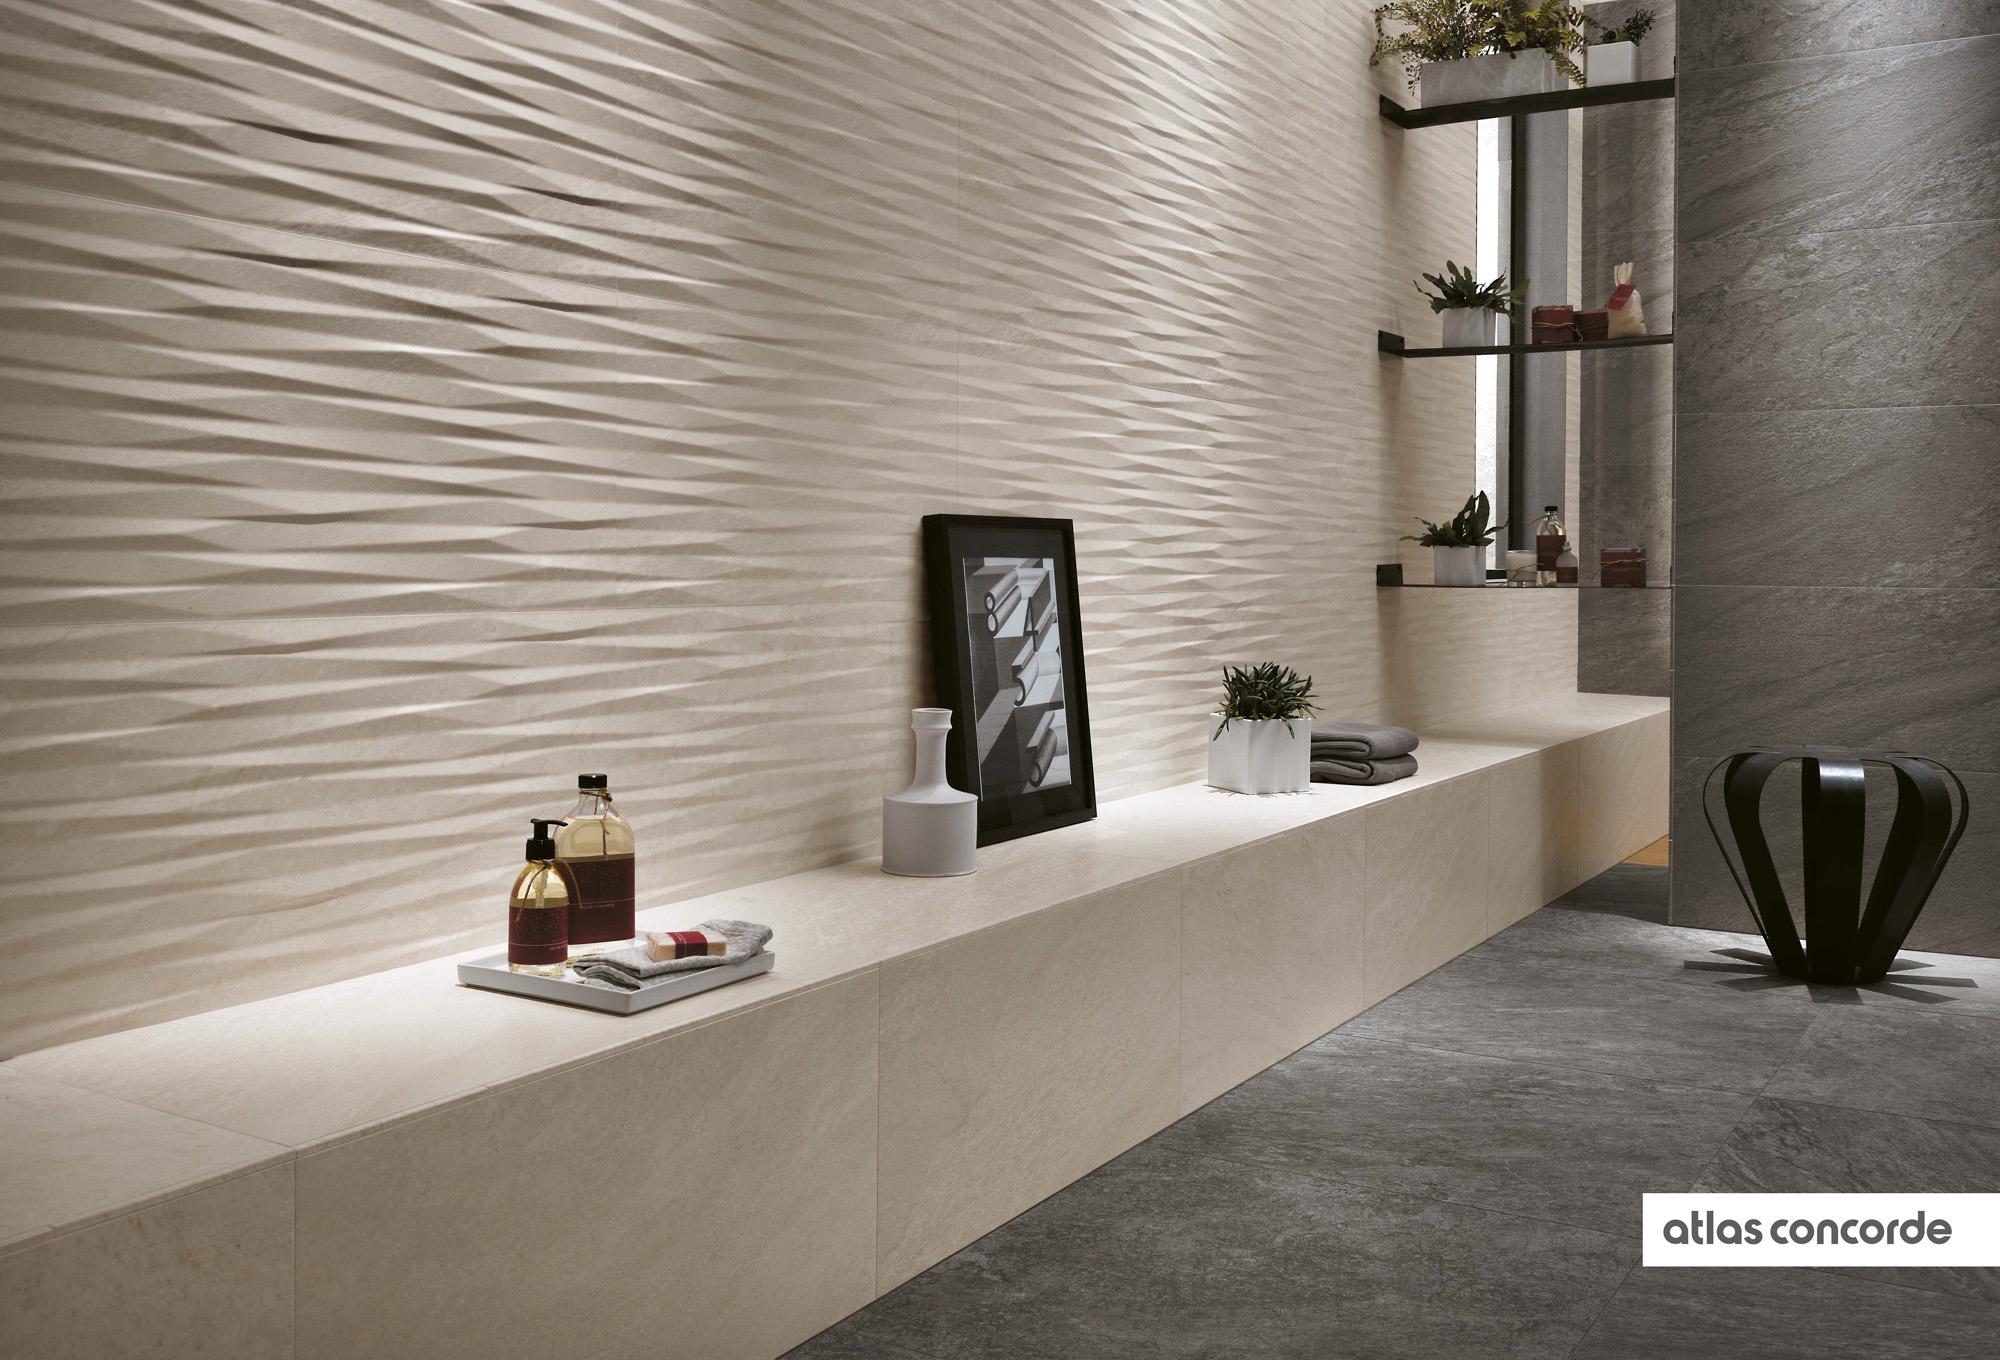 Atlas Concorde Brave Ceramic Wall Tile